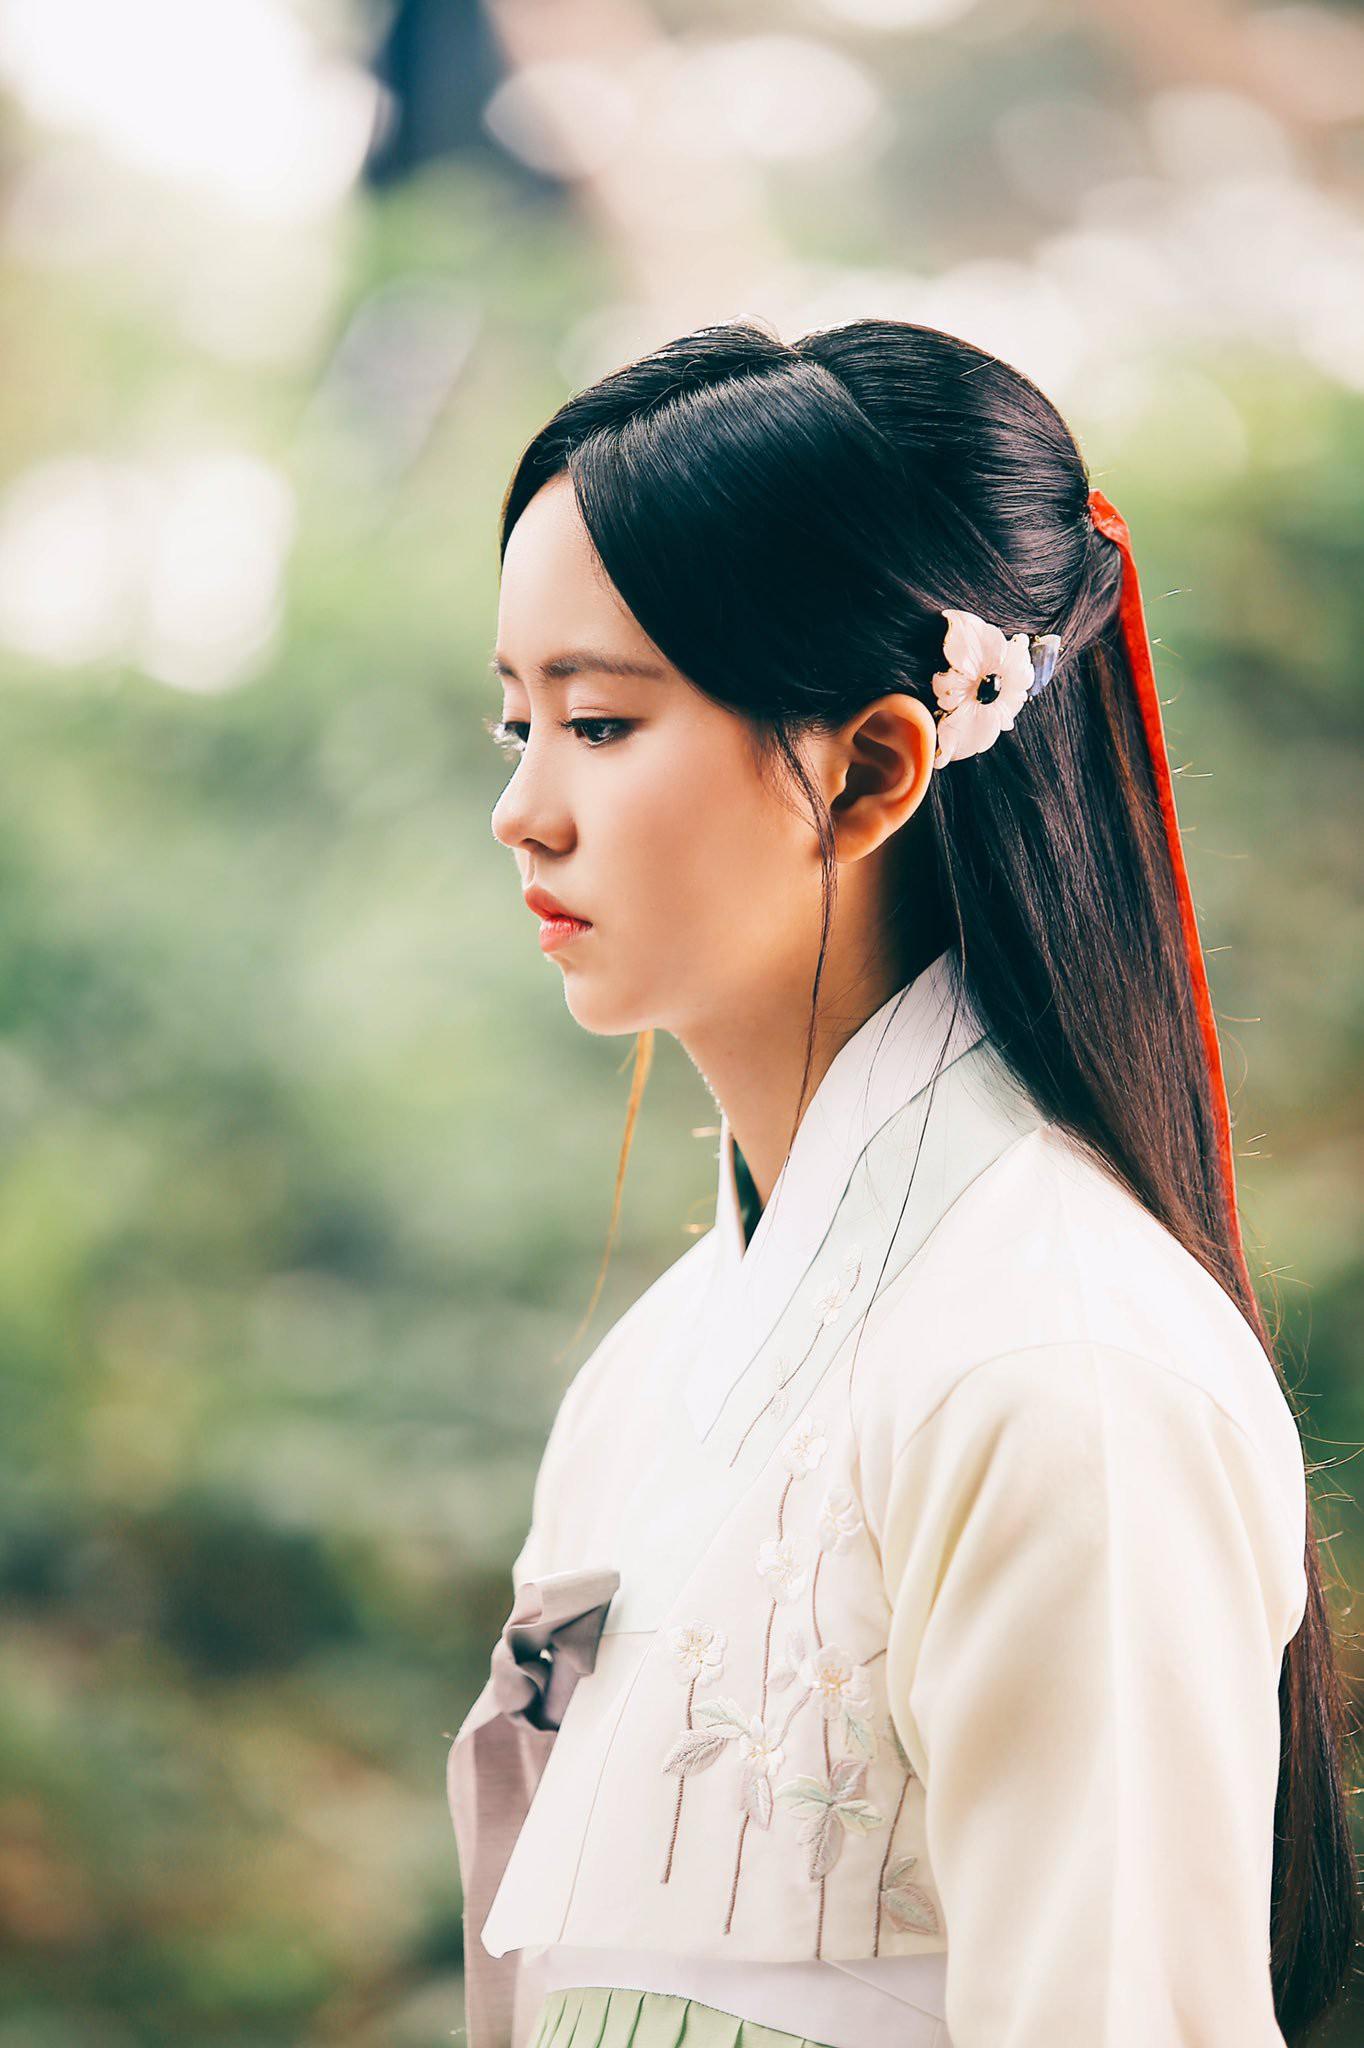 2 nữ thần nhí một thời Kim Yoo Jung và Kim So Hyun dậy thì: Quá xuất sắc, đẹp đến mức khó chọn ai nhỉnh hơn - Ảnh 47.